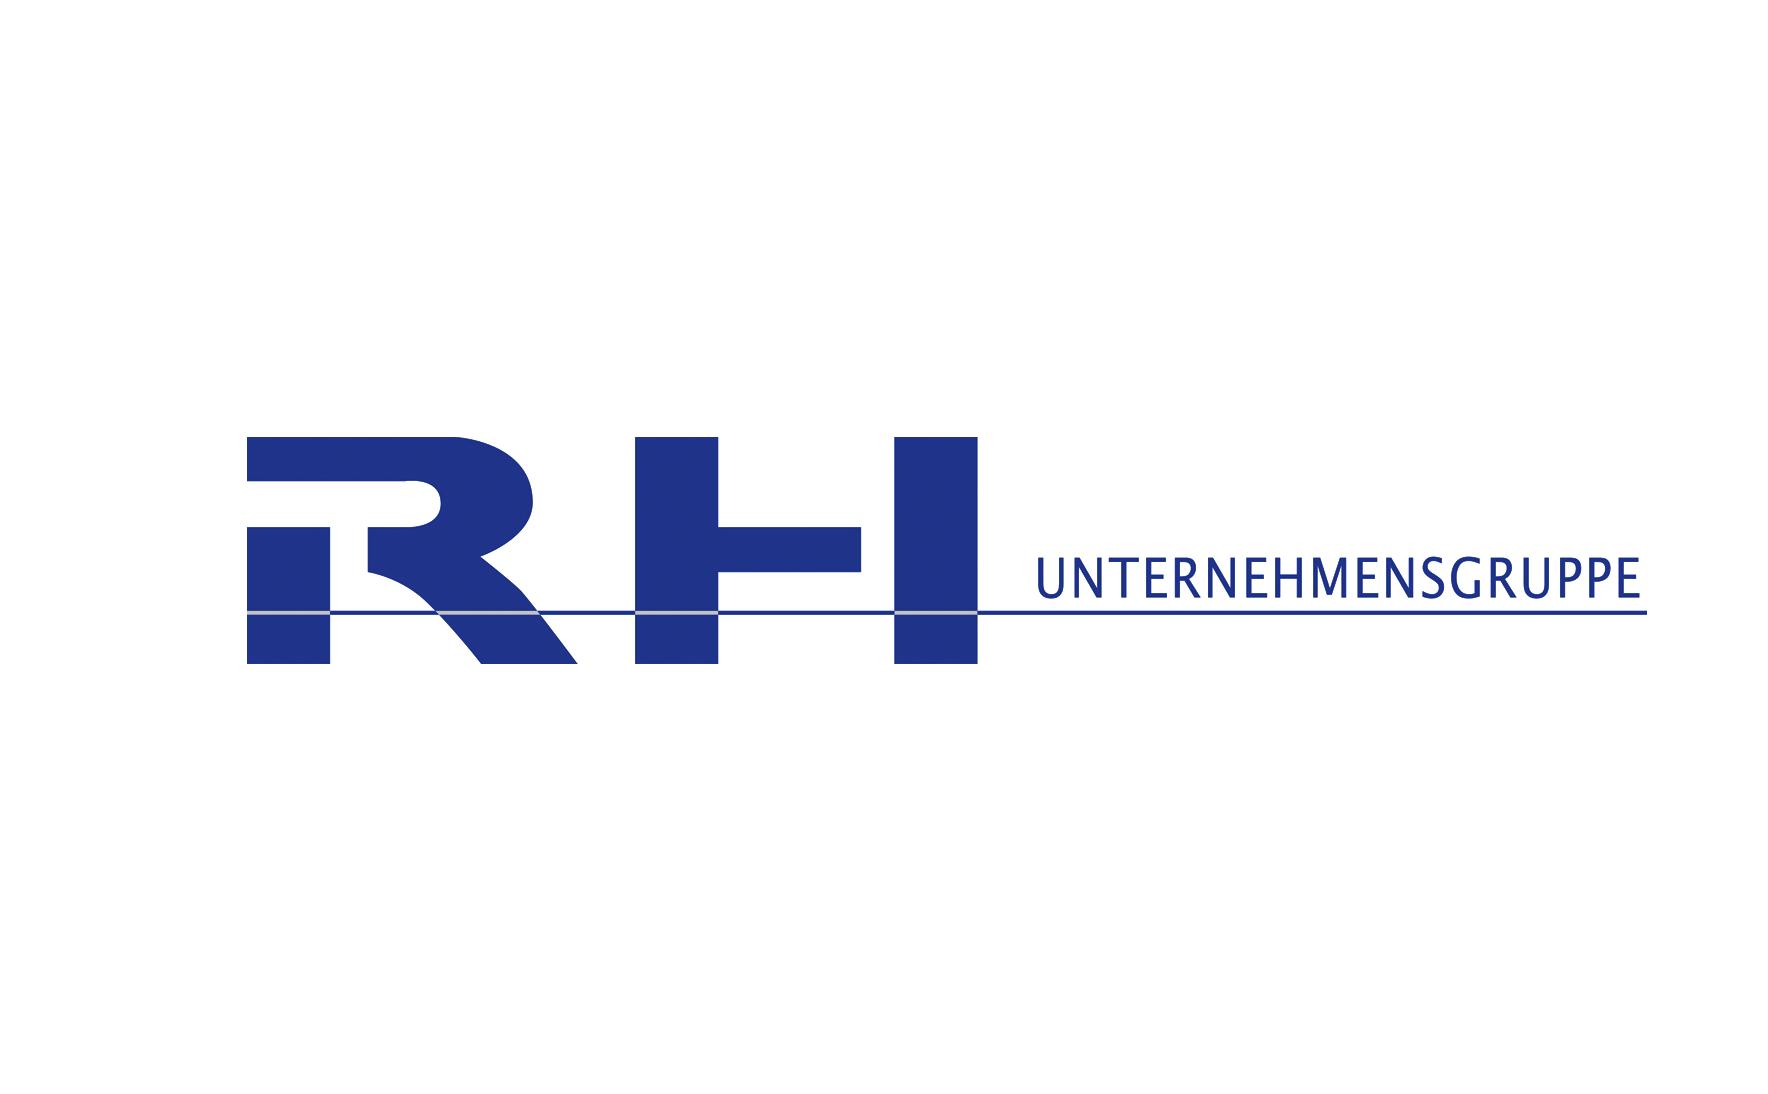 RHClaim_UNTERNEHMENSGRUPPEf_Web